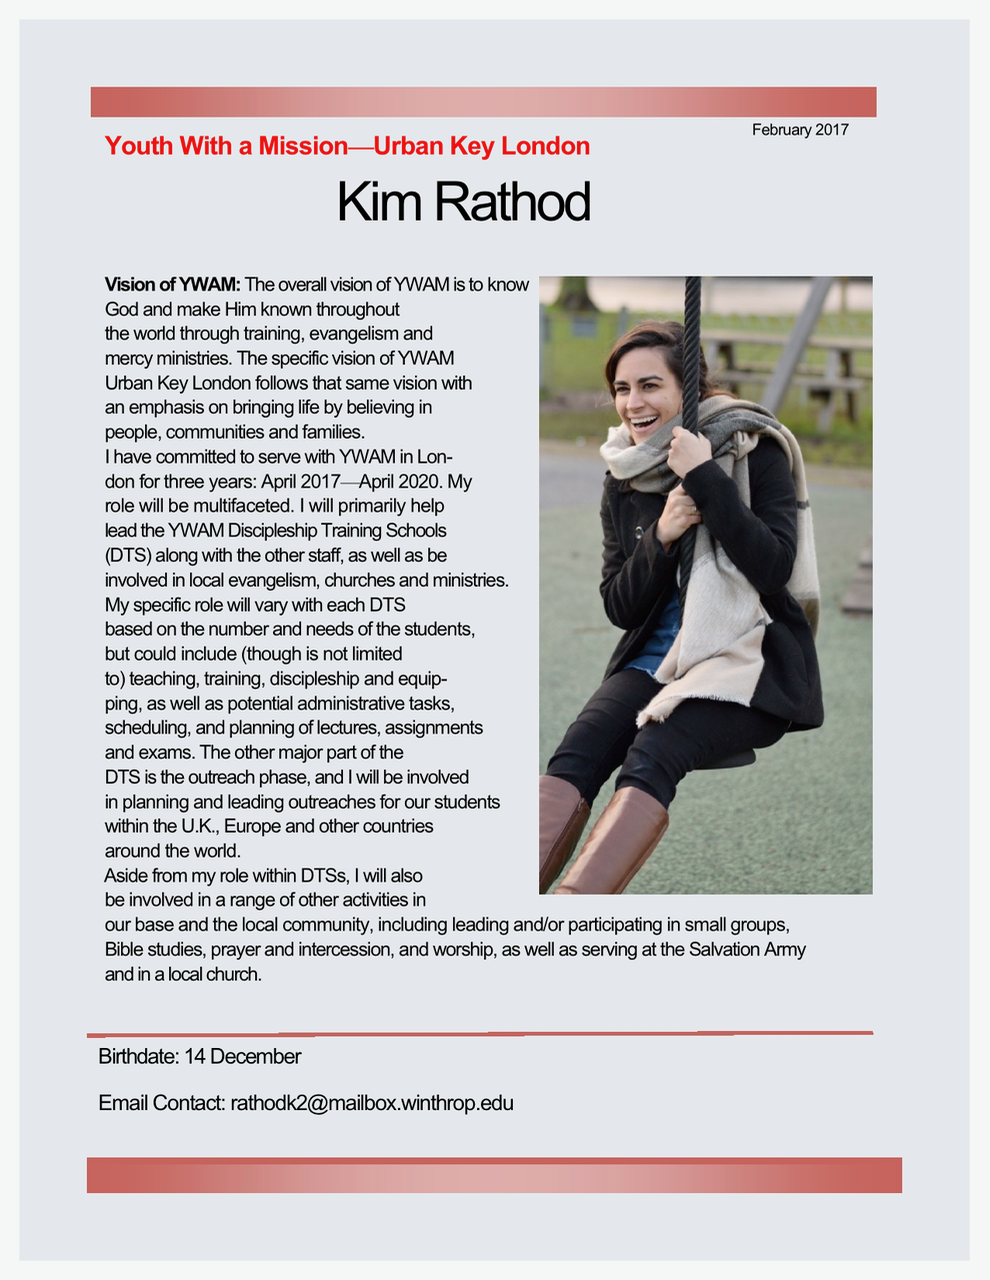 Kim Rathod